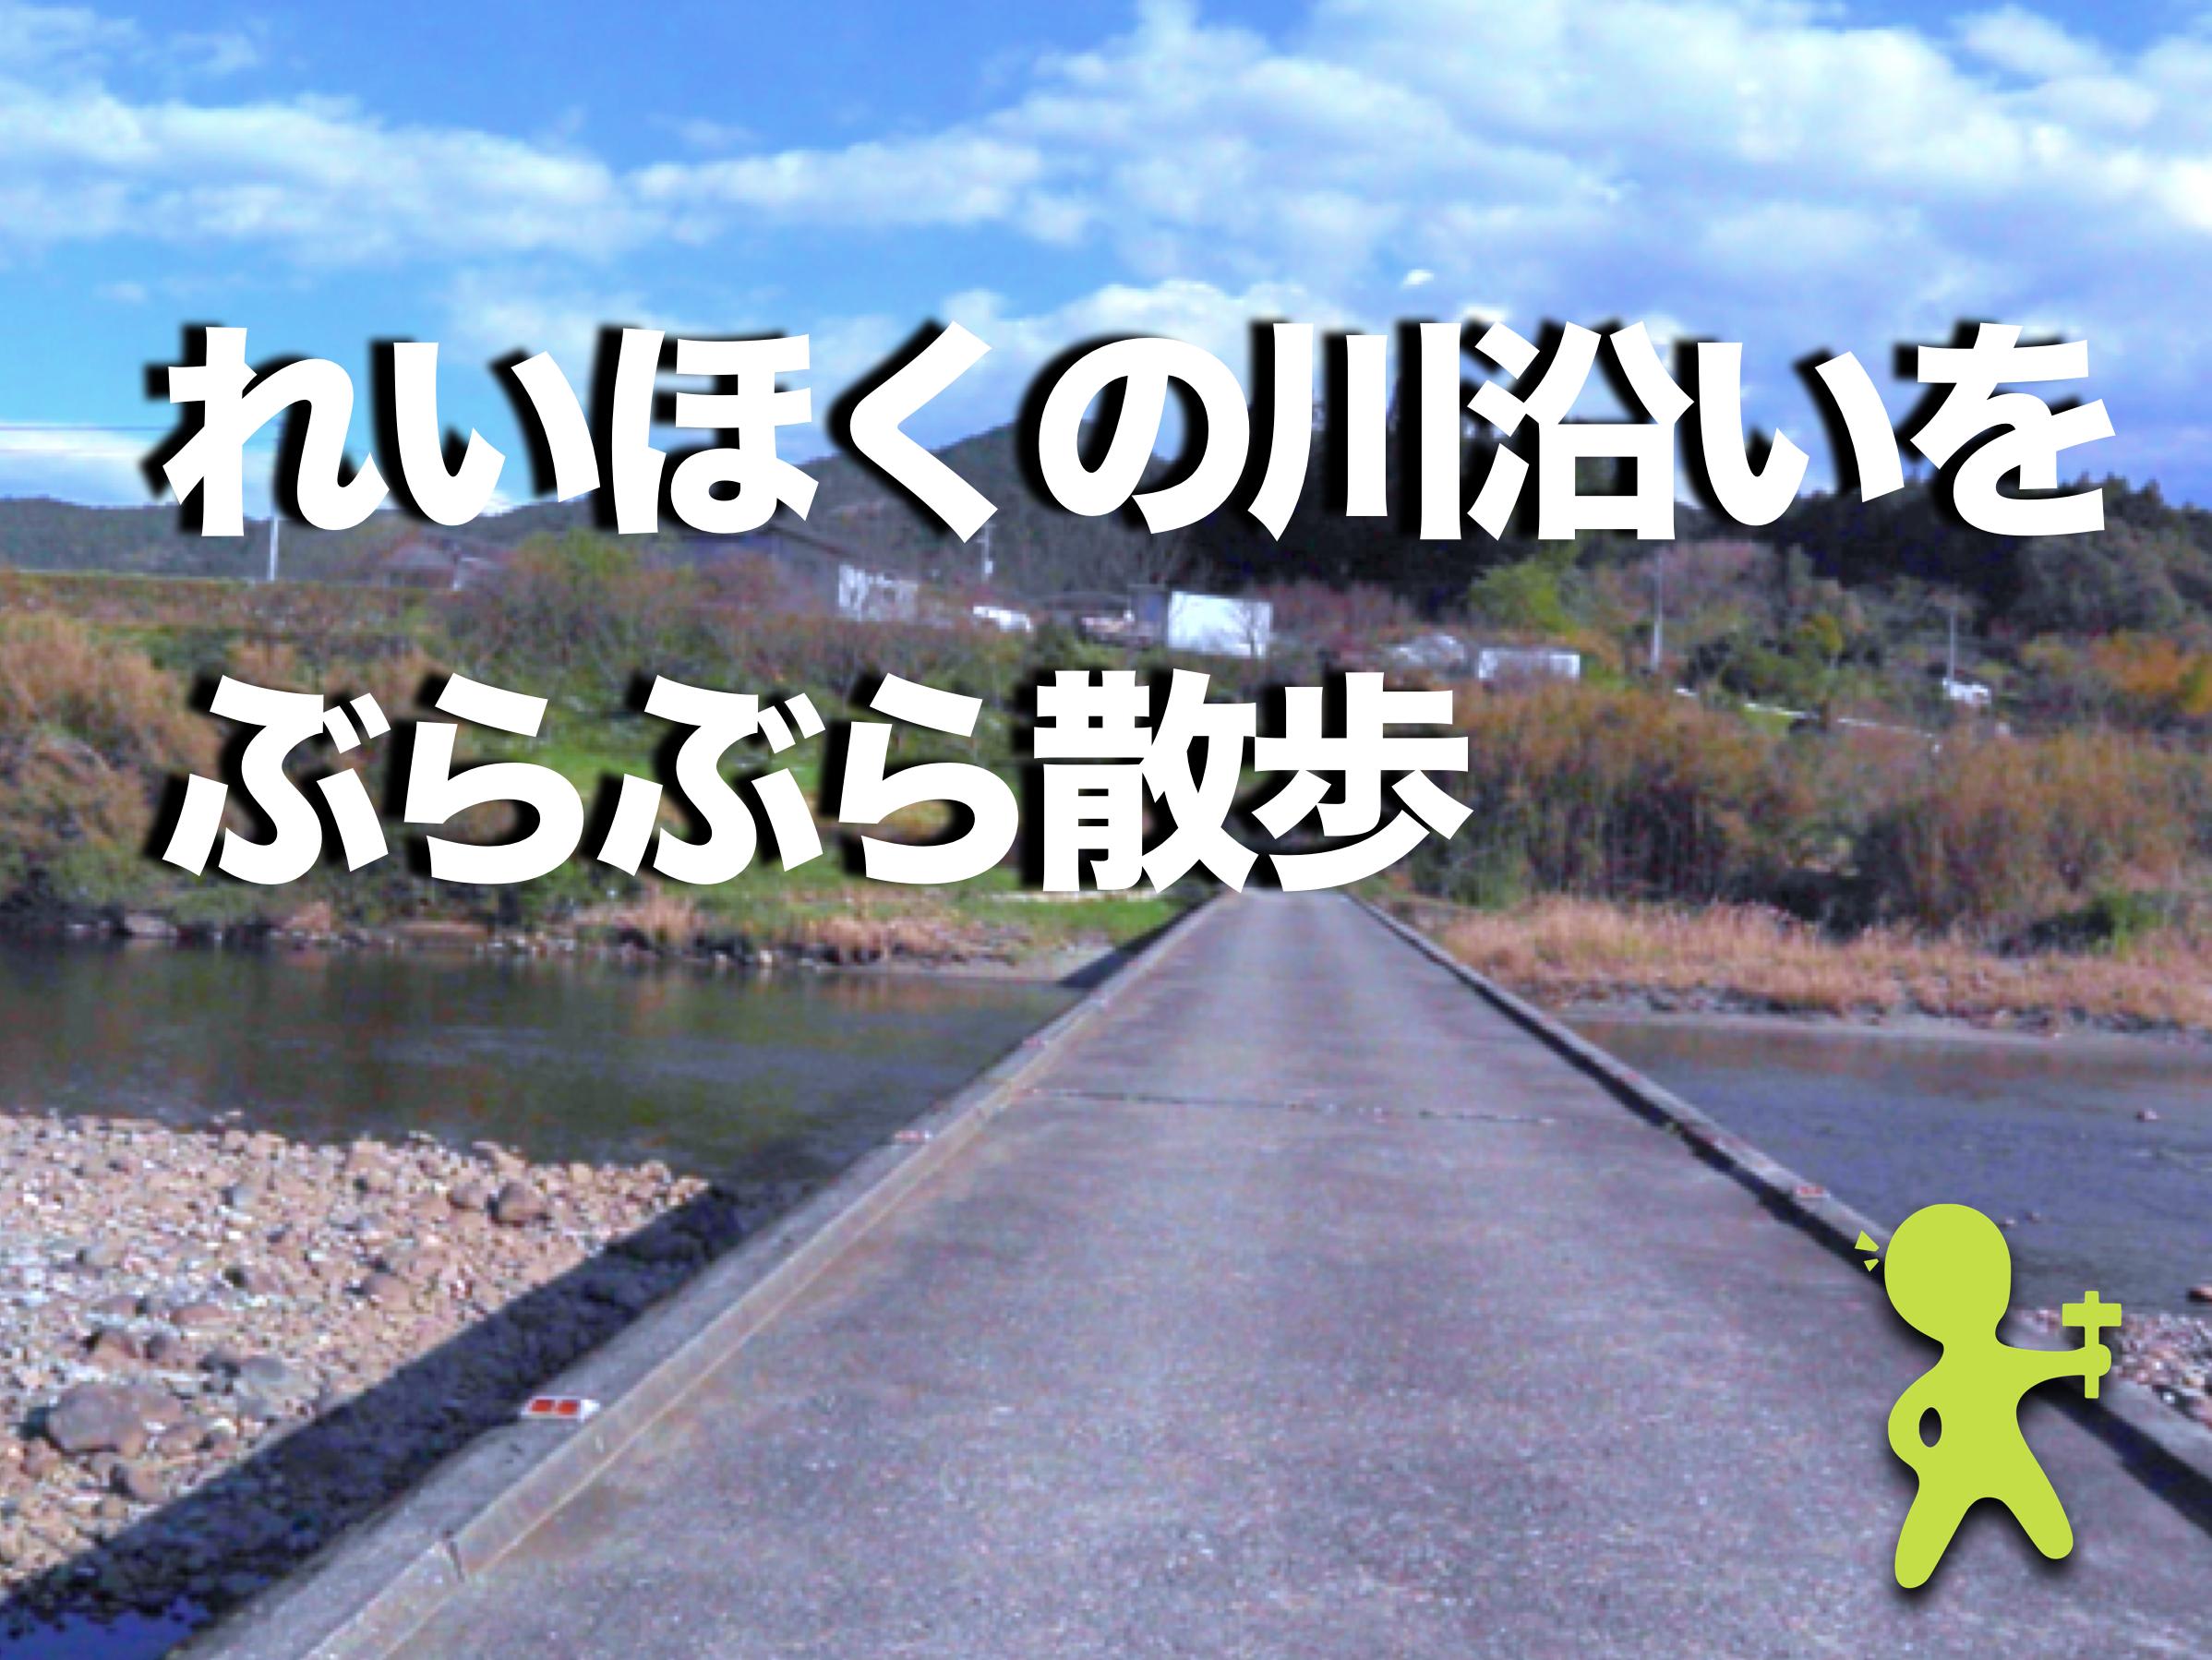 嶺北にあるエメラルドグリーン色の川を散歩したよ。